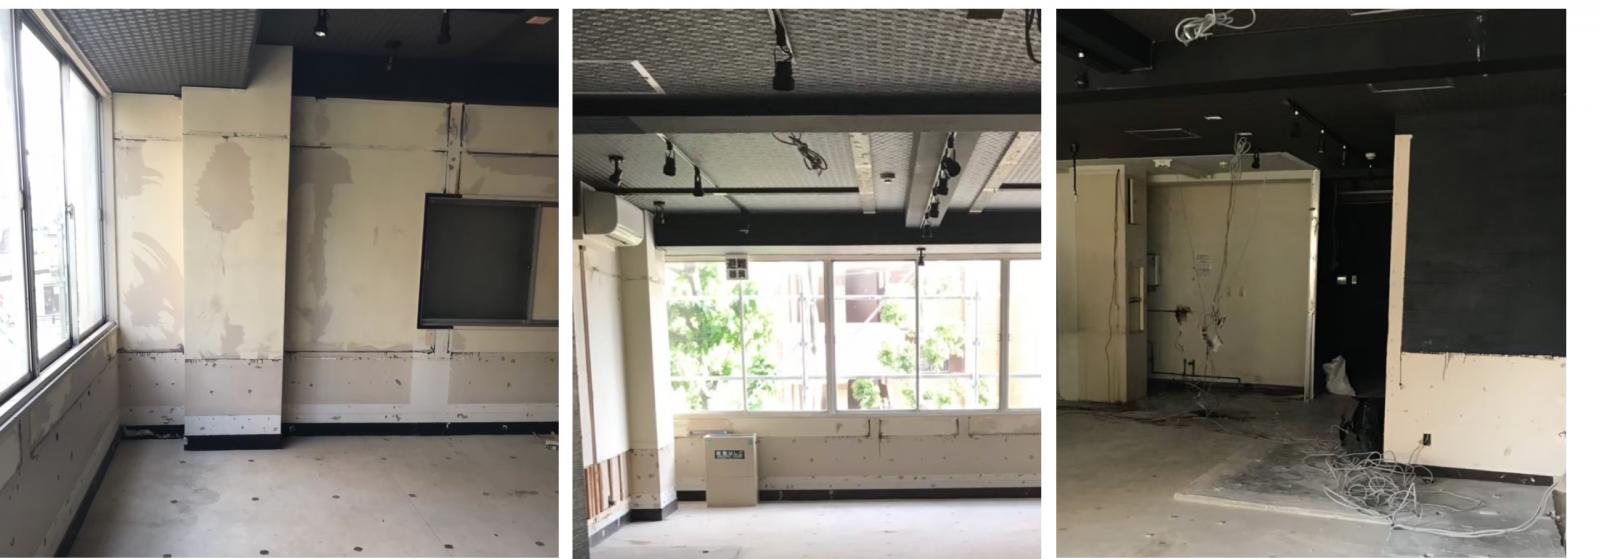 名古屋でスケルトンからレンタルスペース(イベントスペース)に改装した事例画像